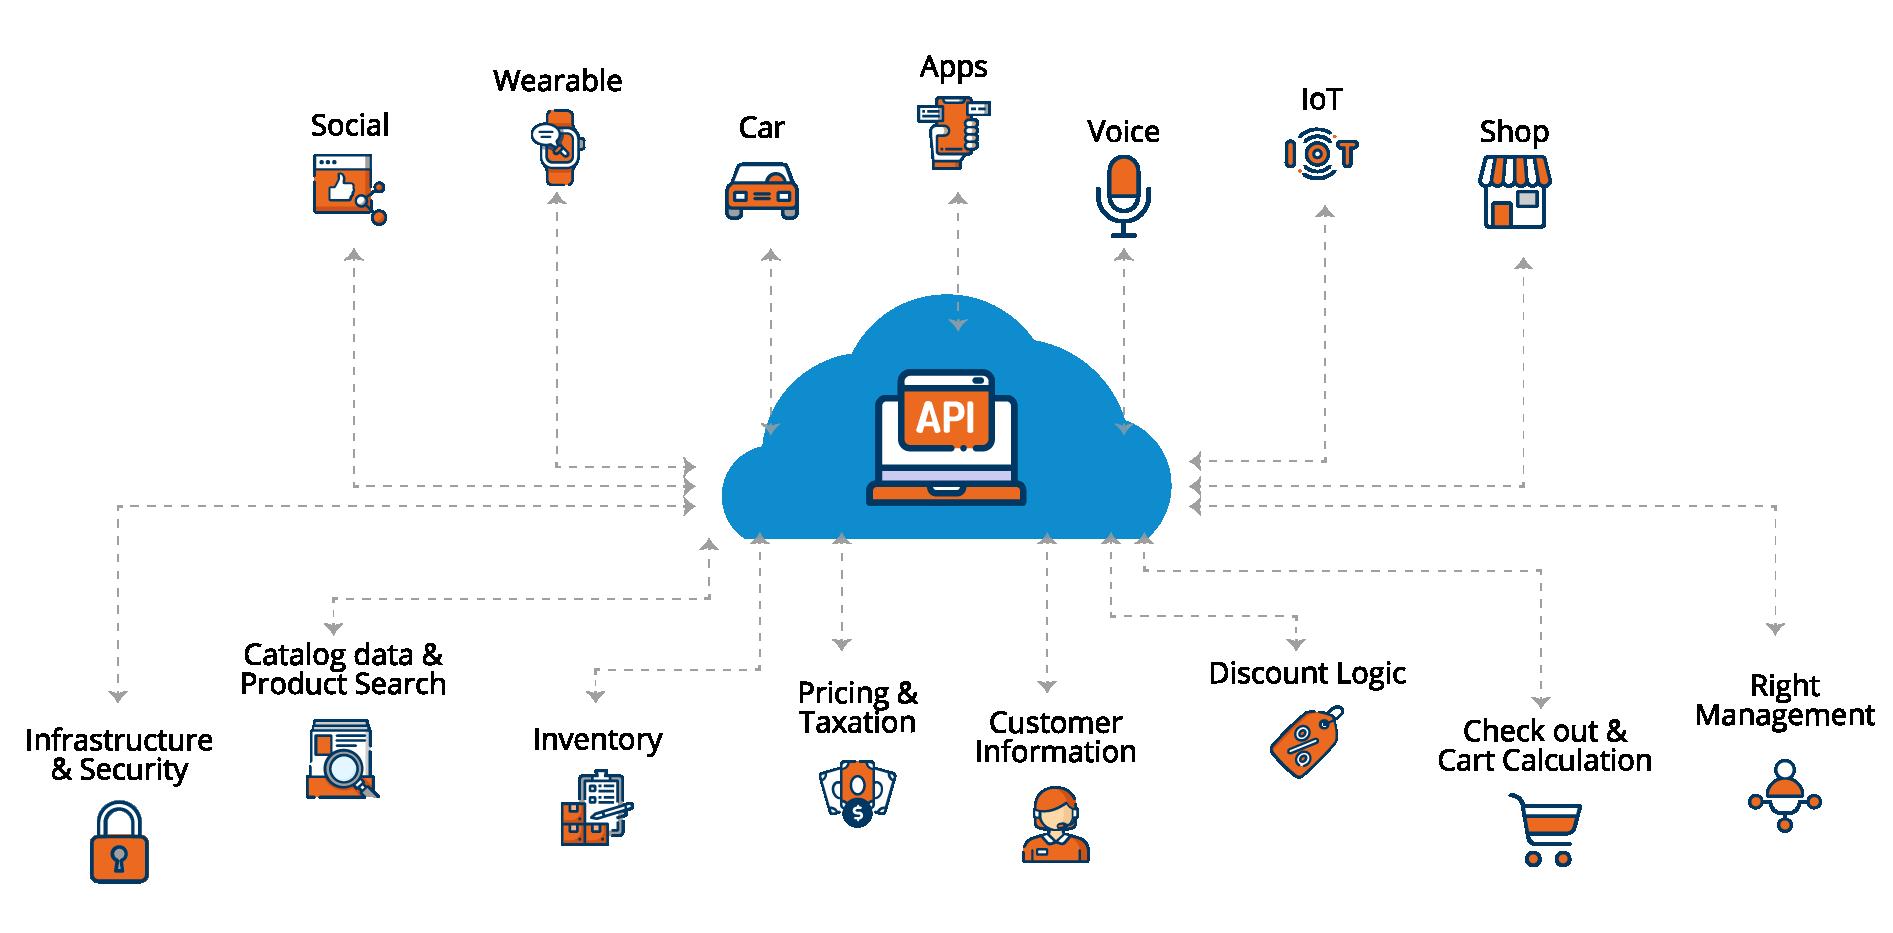 Commercetools diagram